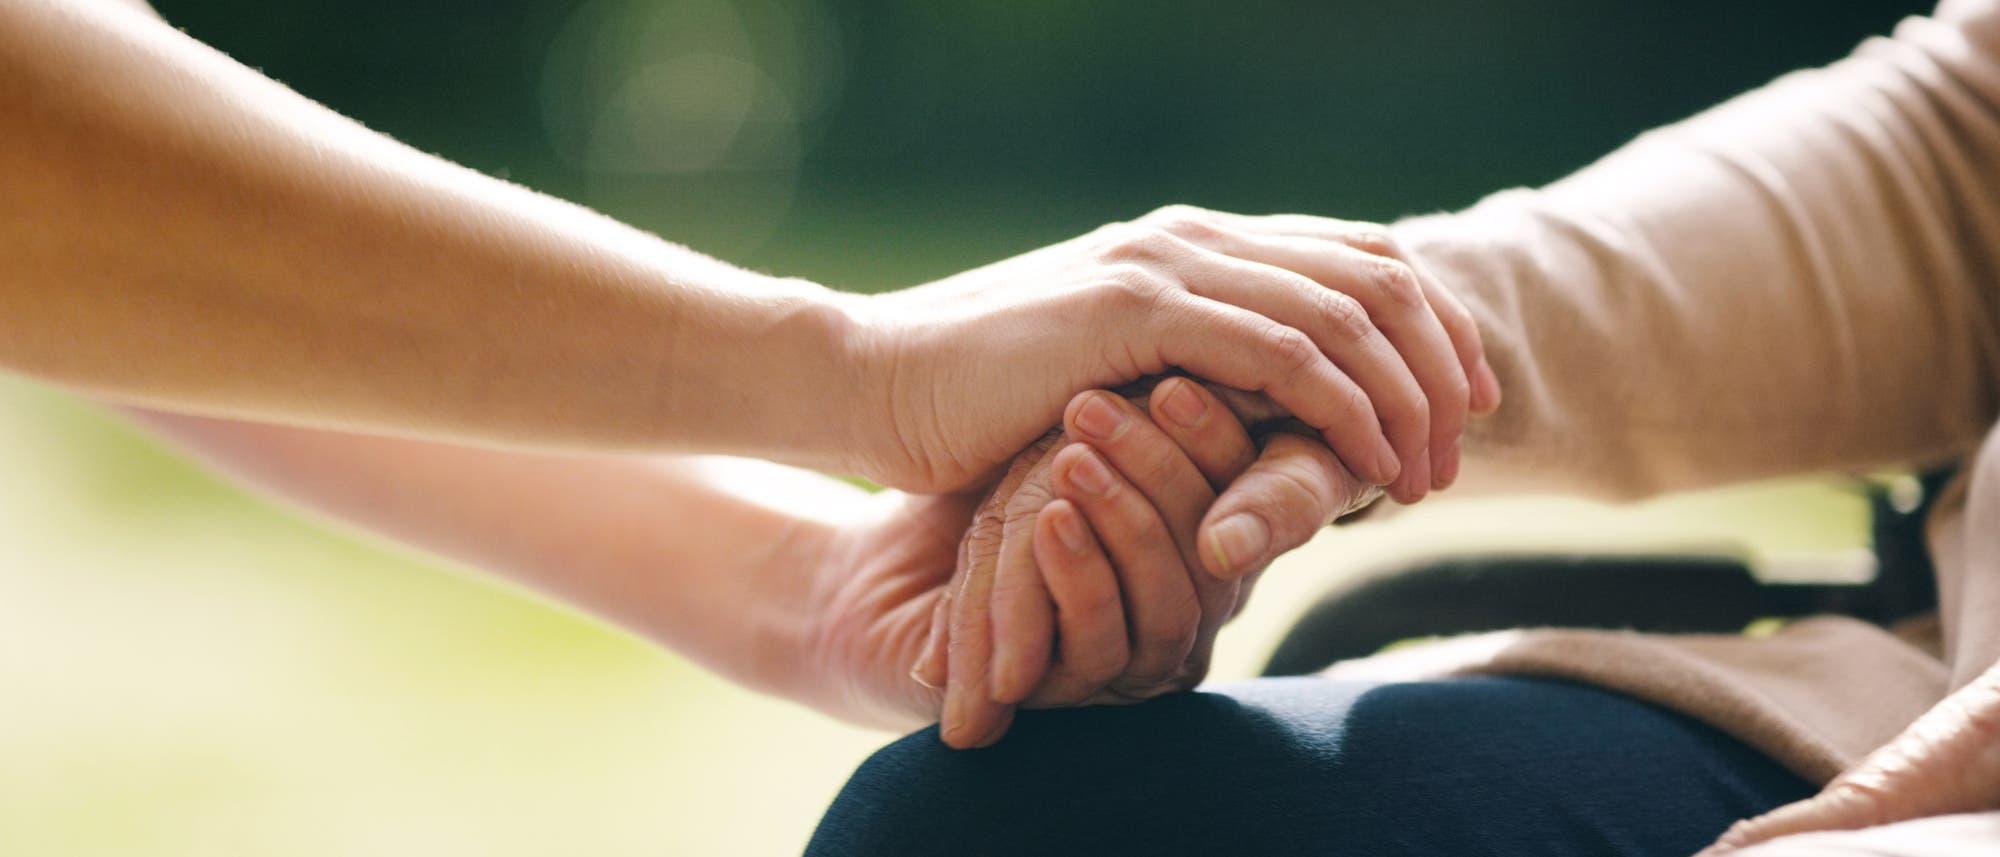 Zwei Hände ergreifen die Hand eines Menschen im Rollstuhl